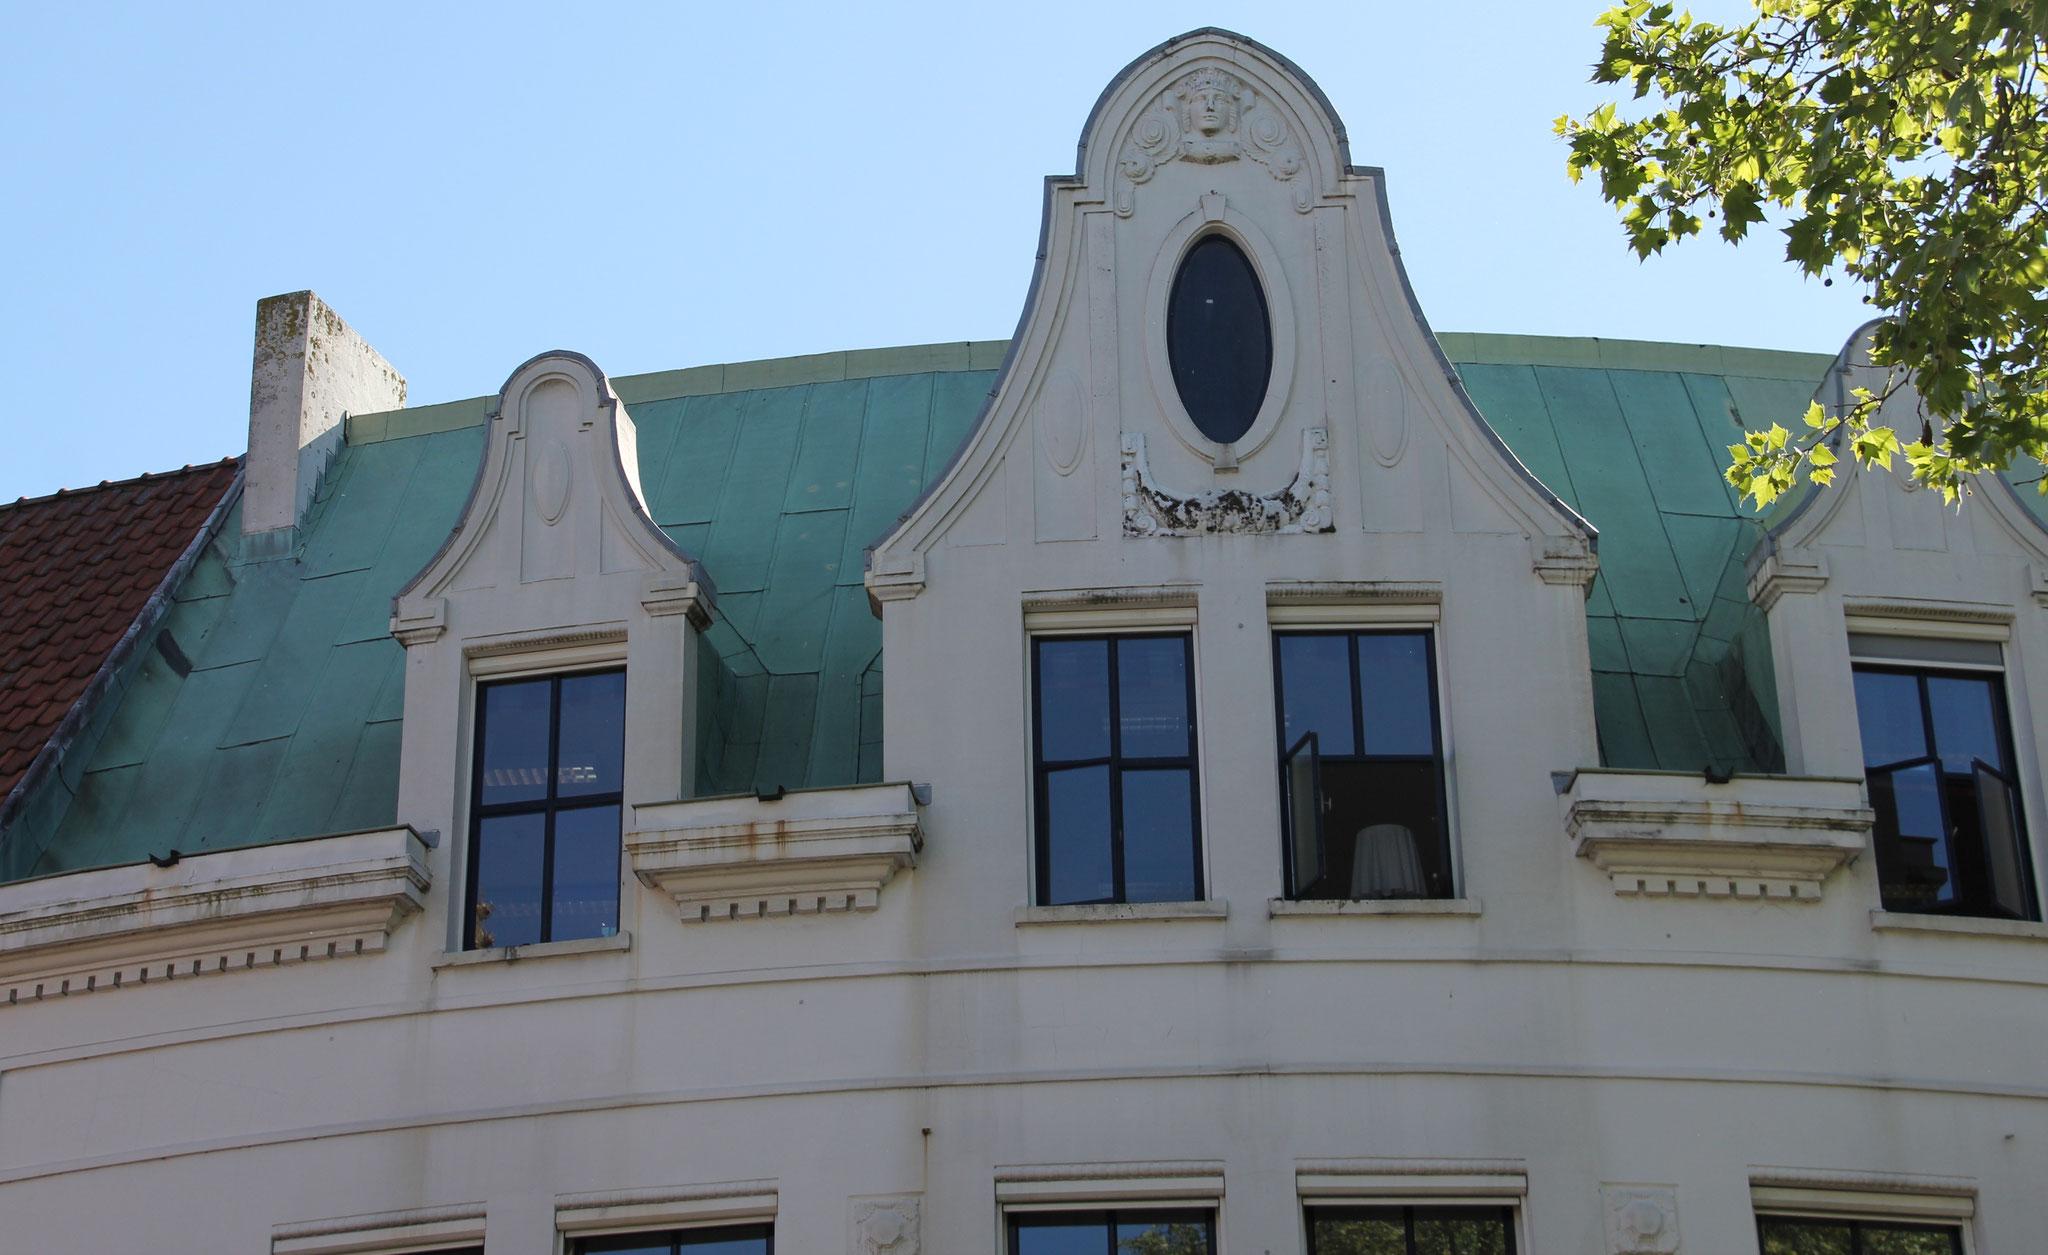 Zinken dak en rijke detaillering.